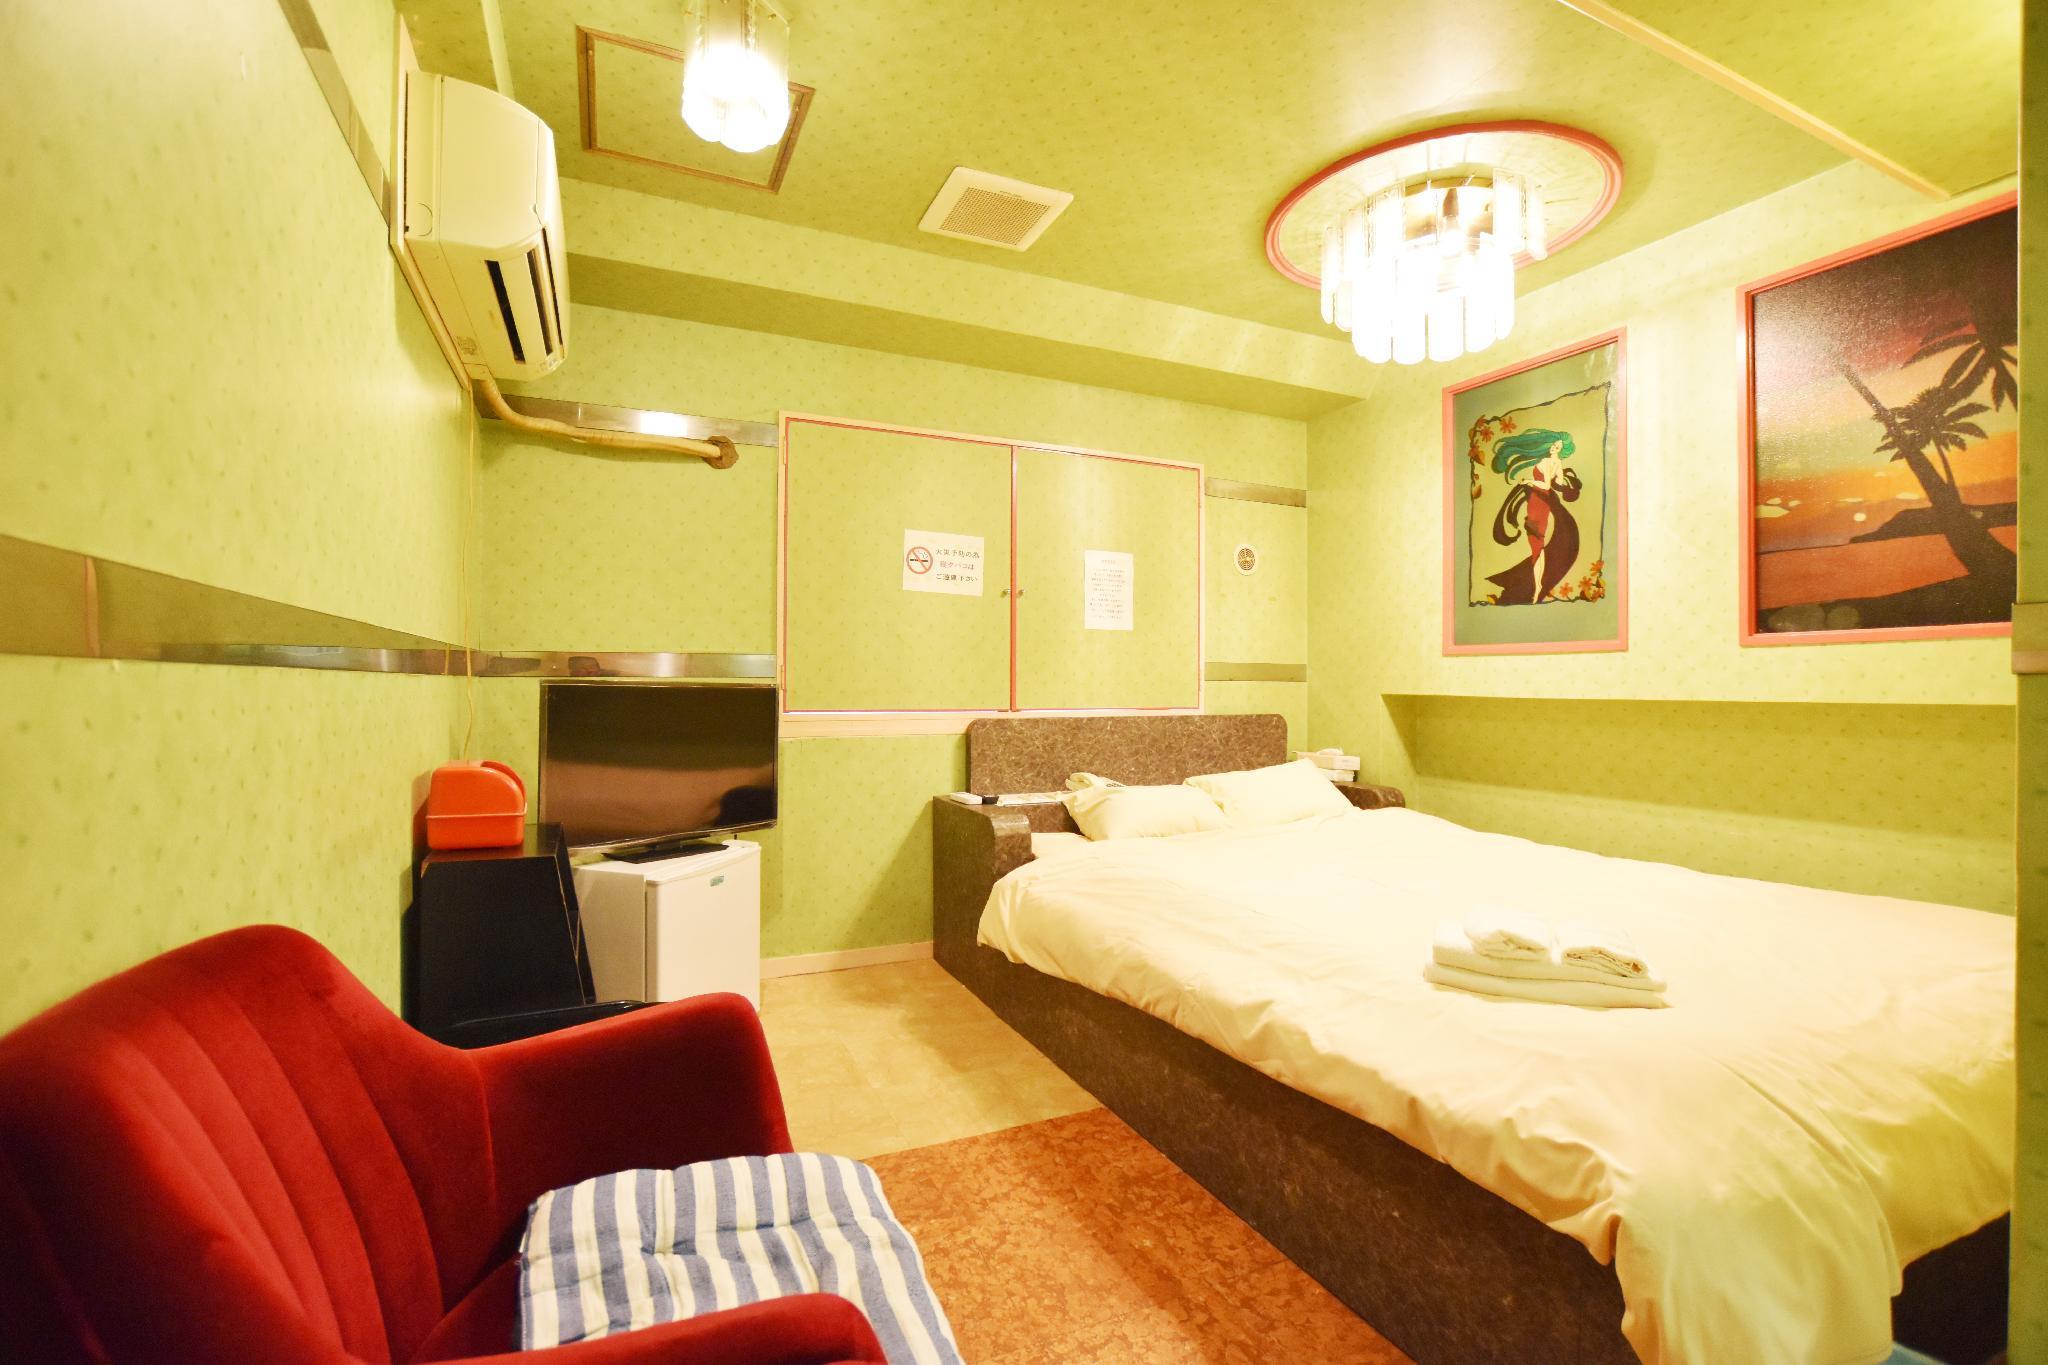 202 HOTEL 1R 5min Walk JR IKEBUKURO STA